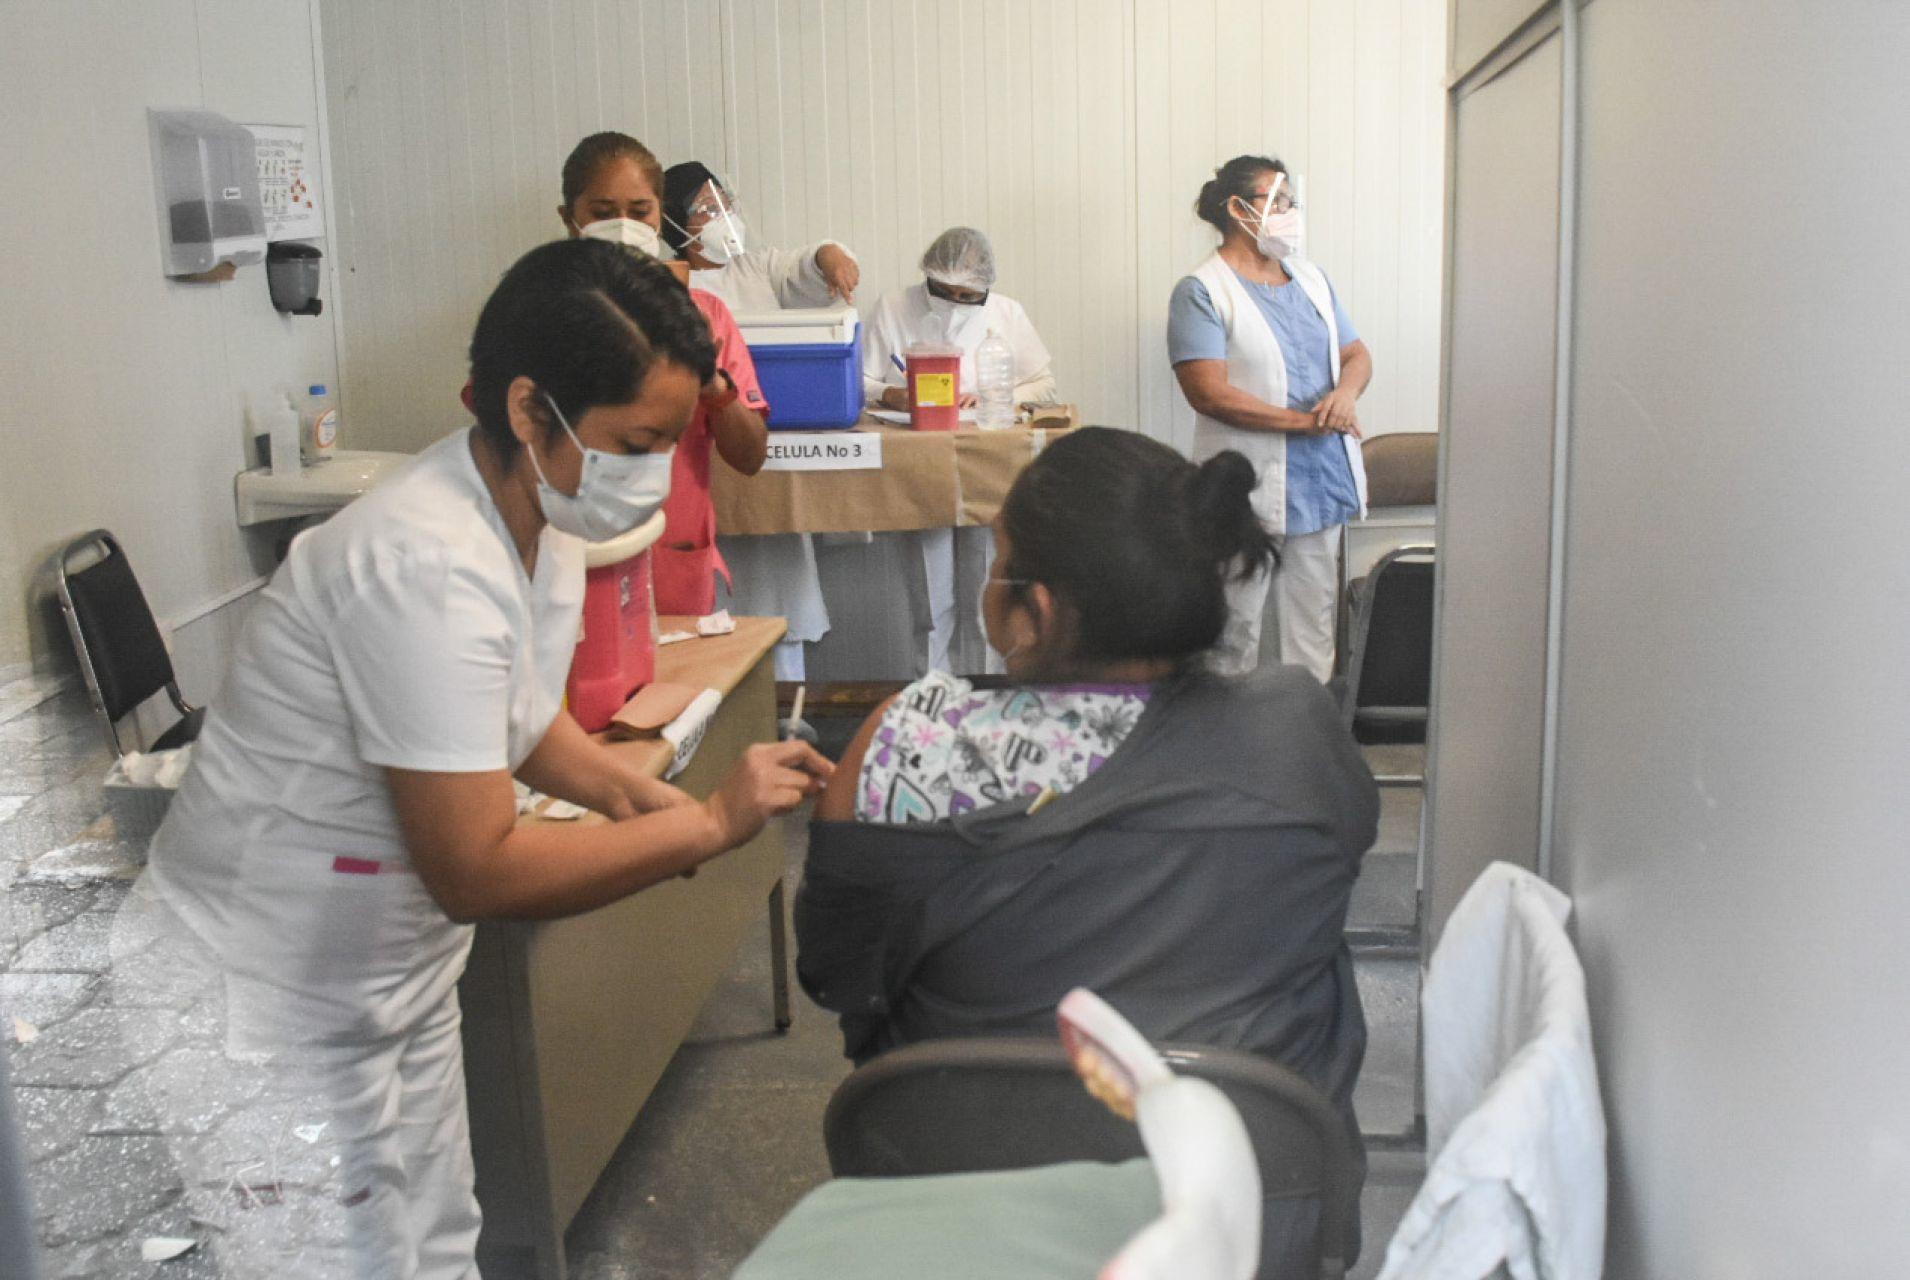 CANCÚN, QUINTANA ROO, 13ENERO2021.- Personal del ISSSTE recibieron la vacuna contra el Covid-19, el día de ayer recibieron 7,500 dosis para el personal que está en primera línea en la atención a pacientes con este padecimiento. Cancún, México. 13 de enero de 2021.